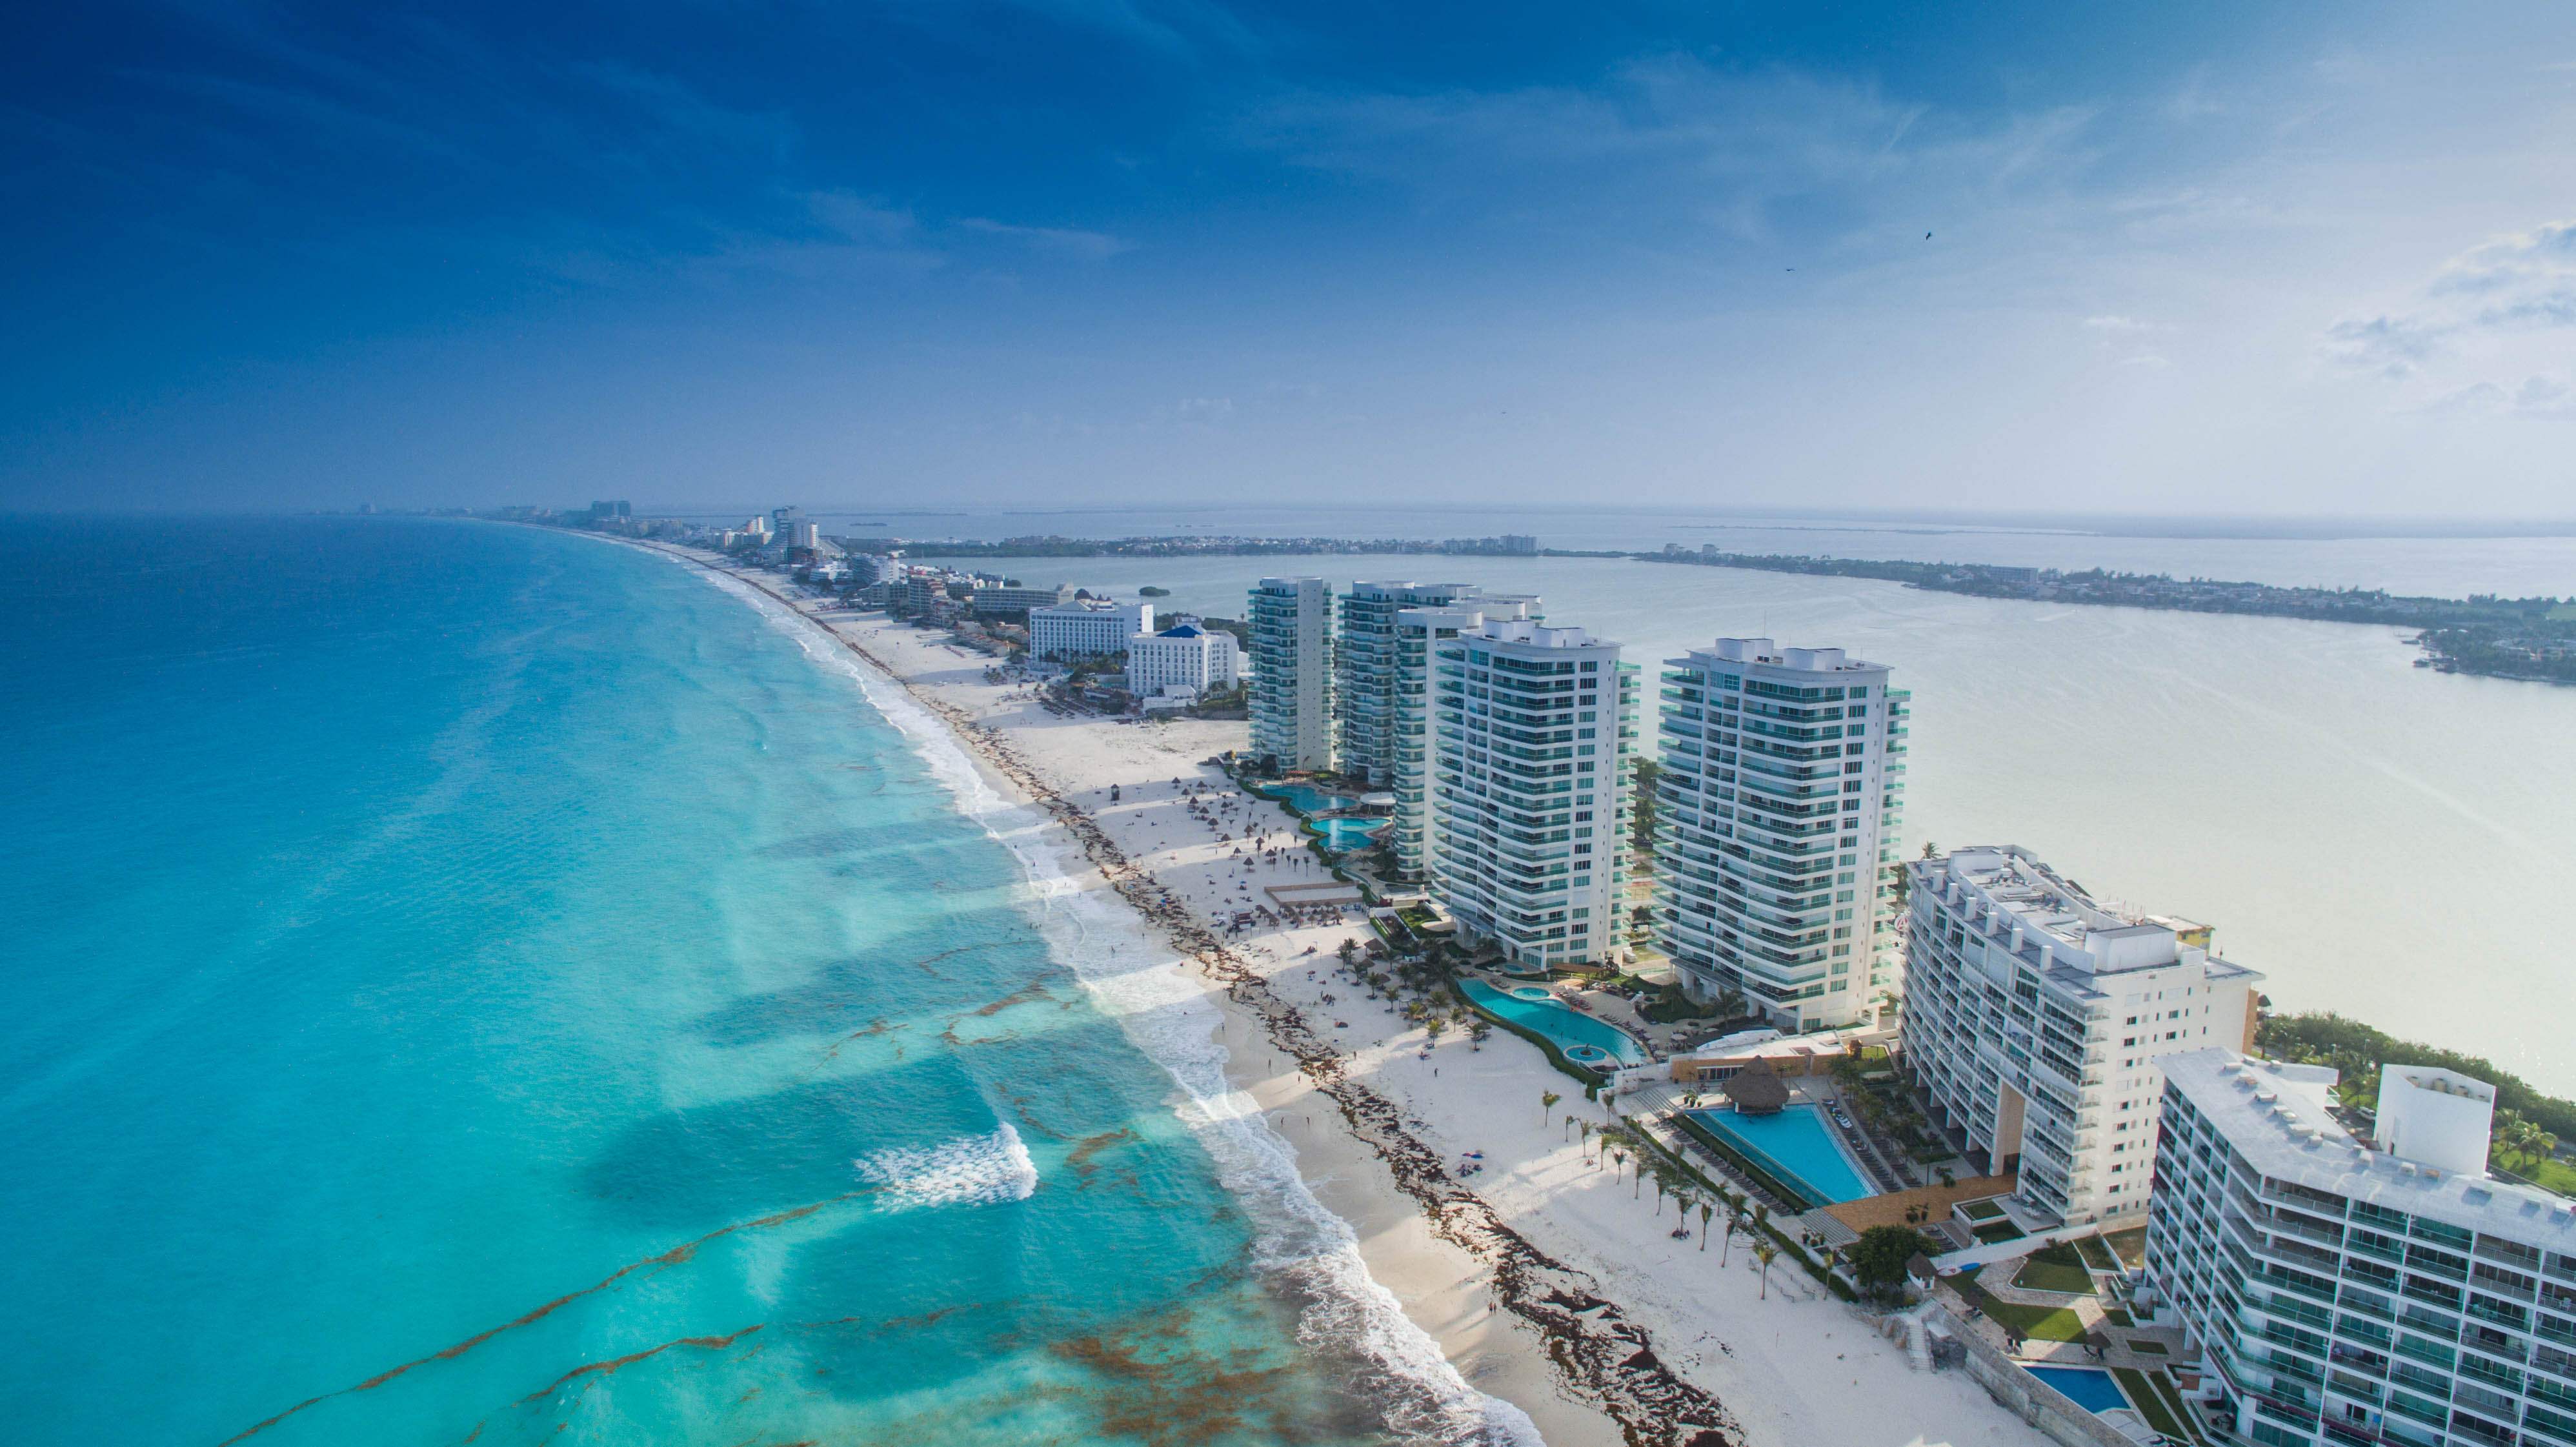 Mexiko Cancun  Sterne Hotel